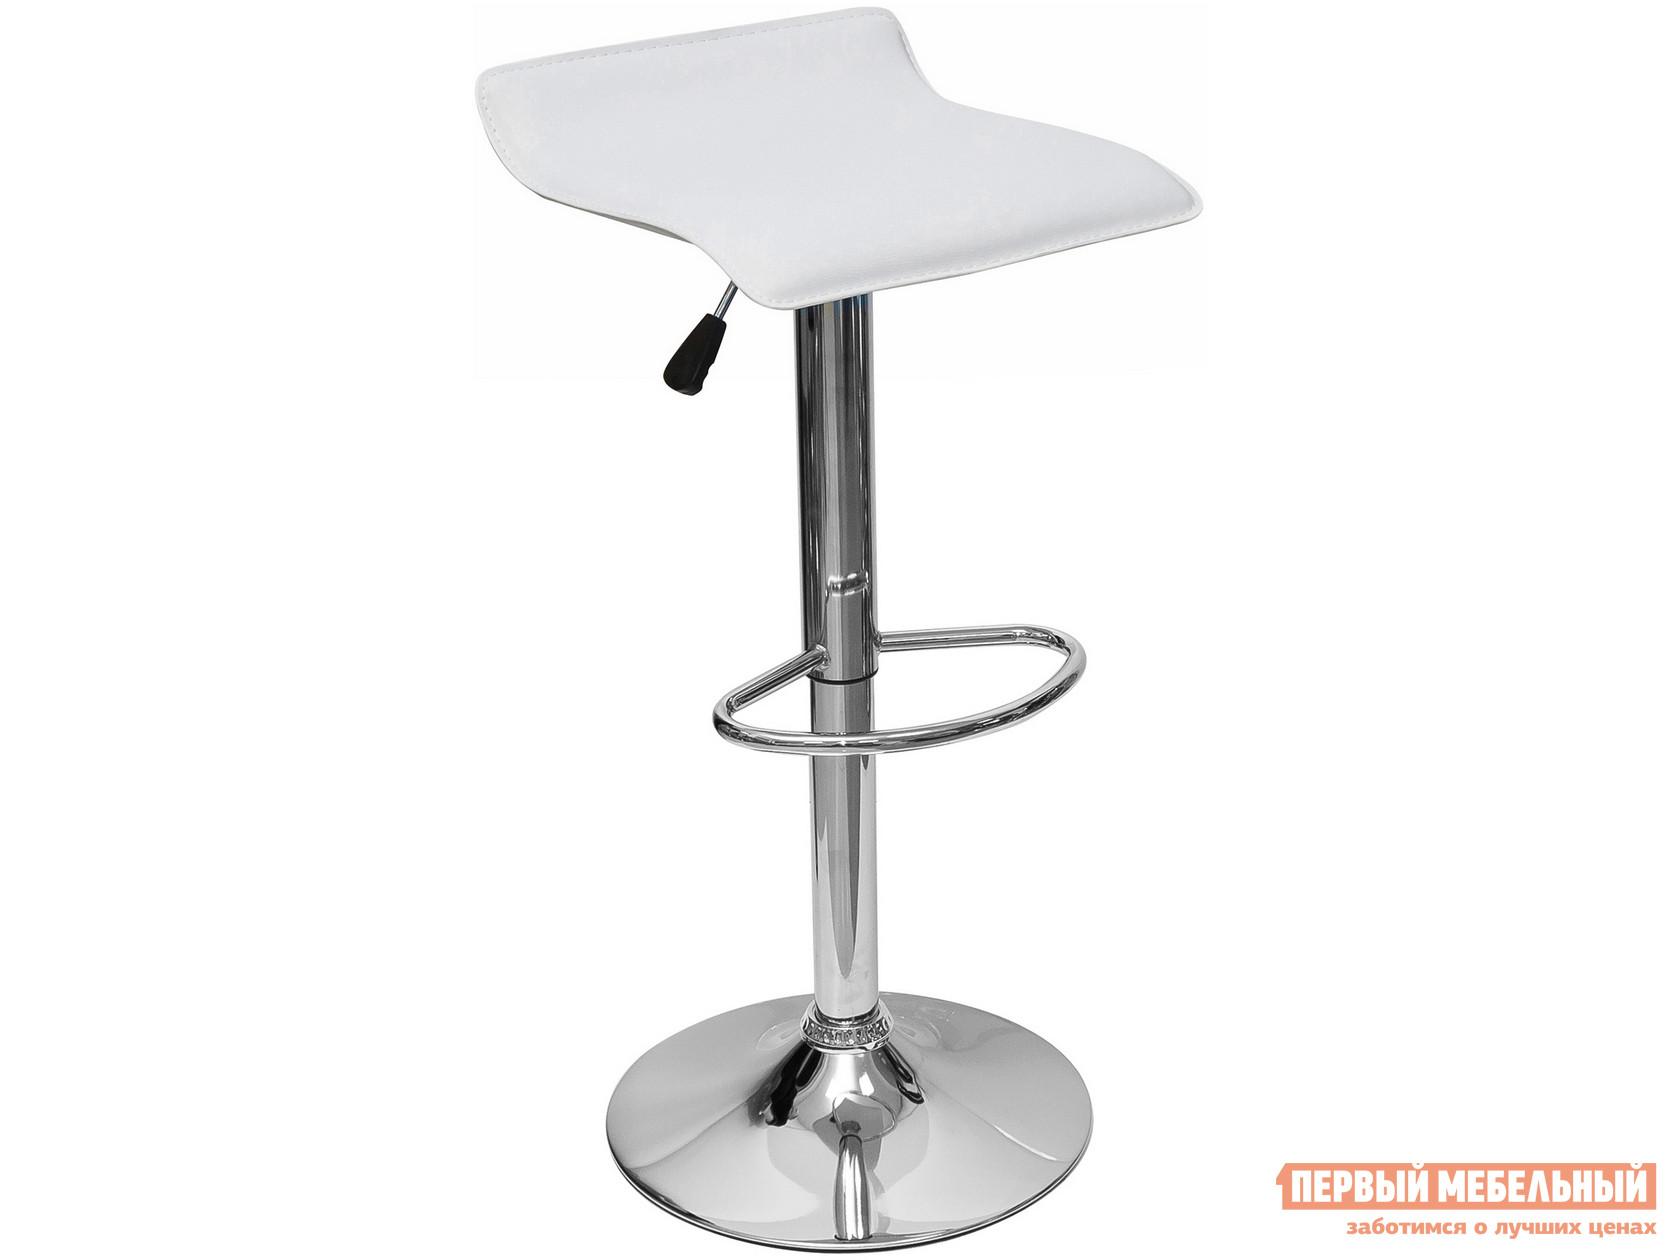 Барный стул с регулируемой высотой Stool Group Стул барный hi-tec NEW пластиковый барный стул stool group libra 8319